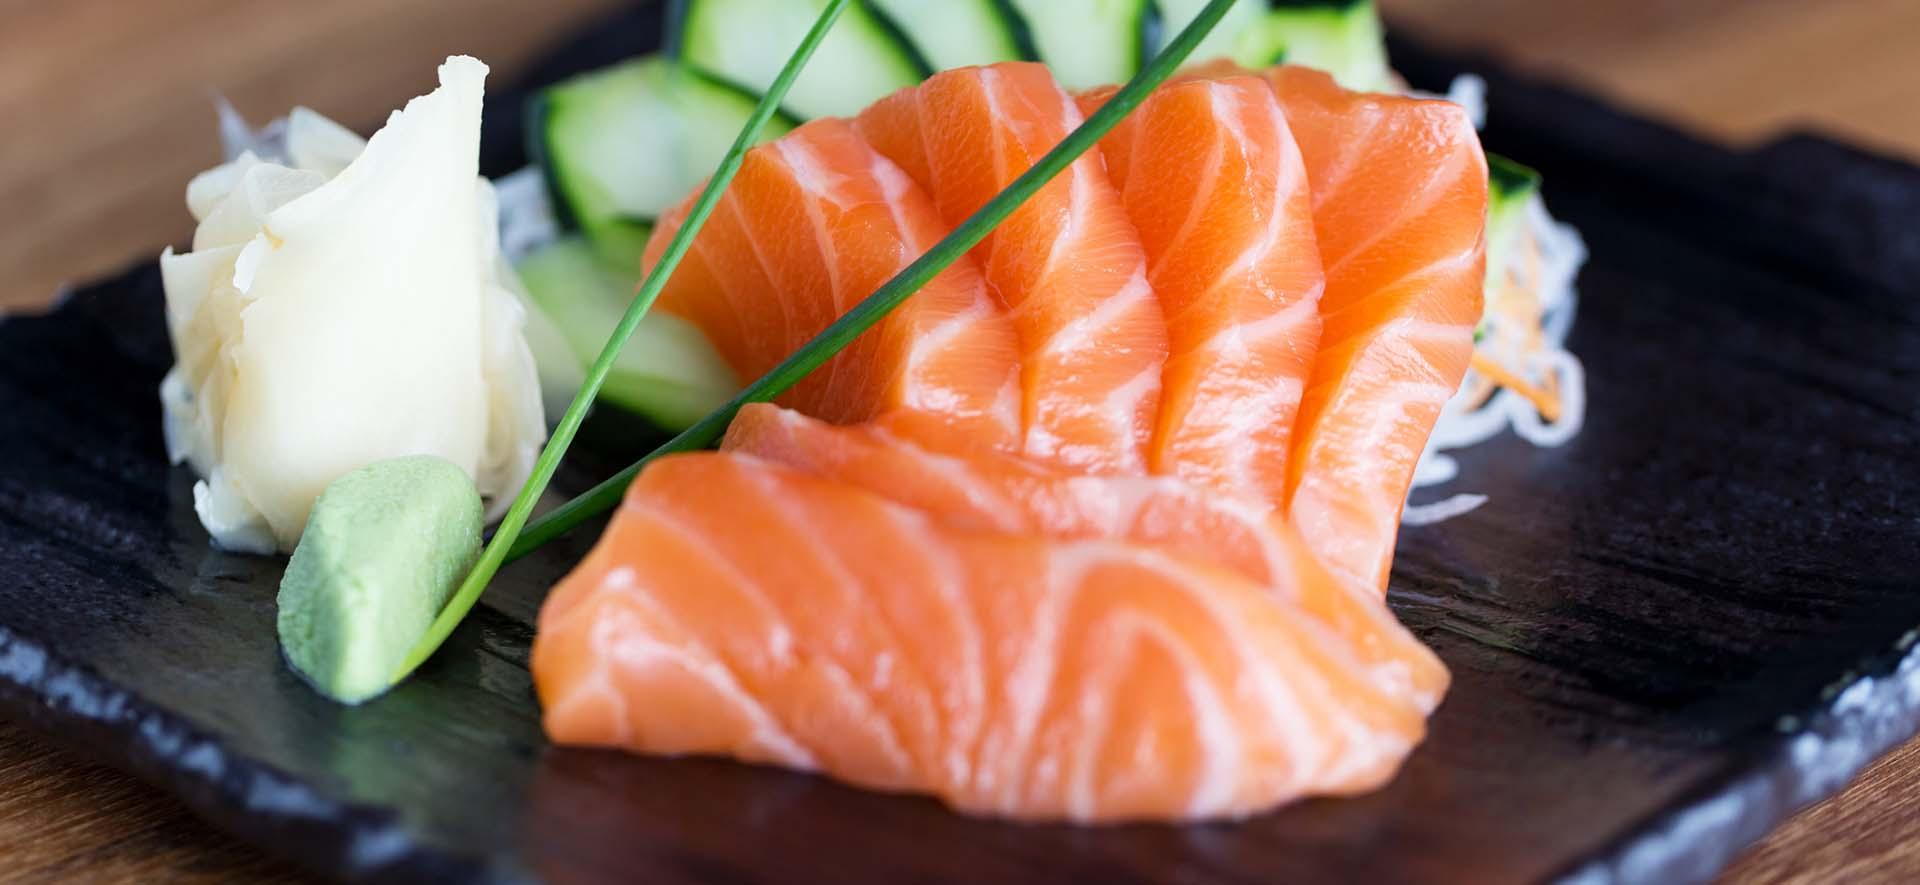 sushi-paradise-sashimi